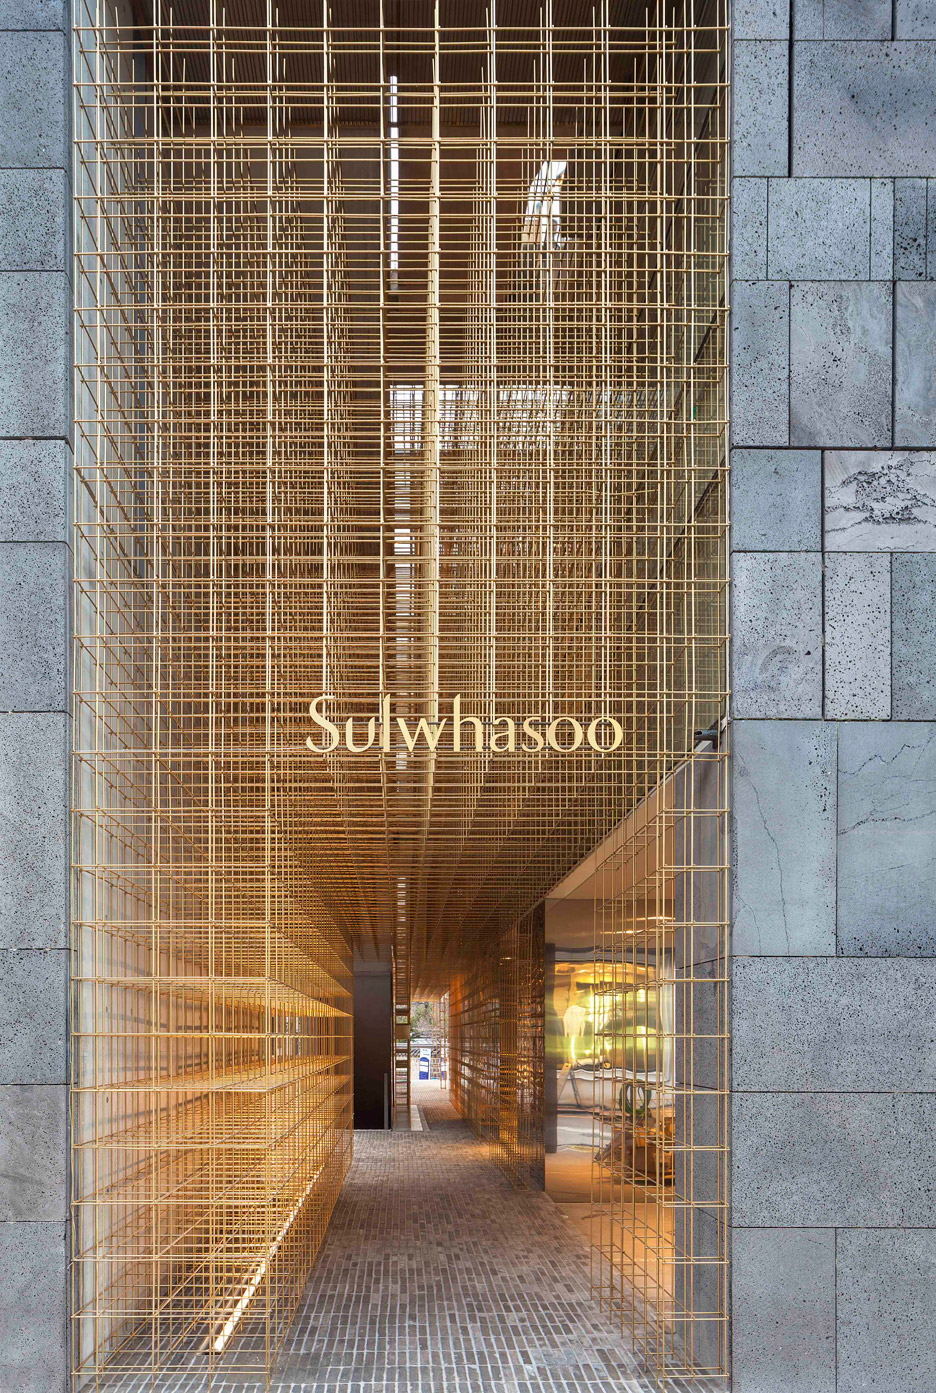 tienda en seul de sulwhasoo con latón del estudio de arquitectura neri hu en diariodesign